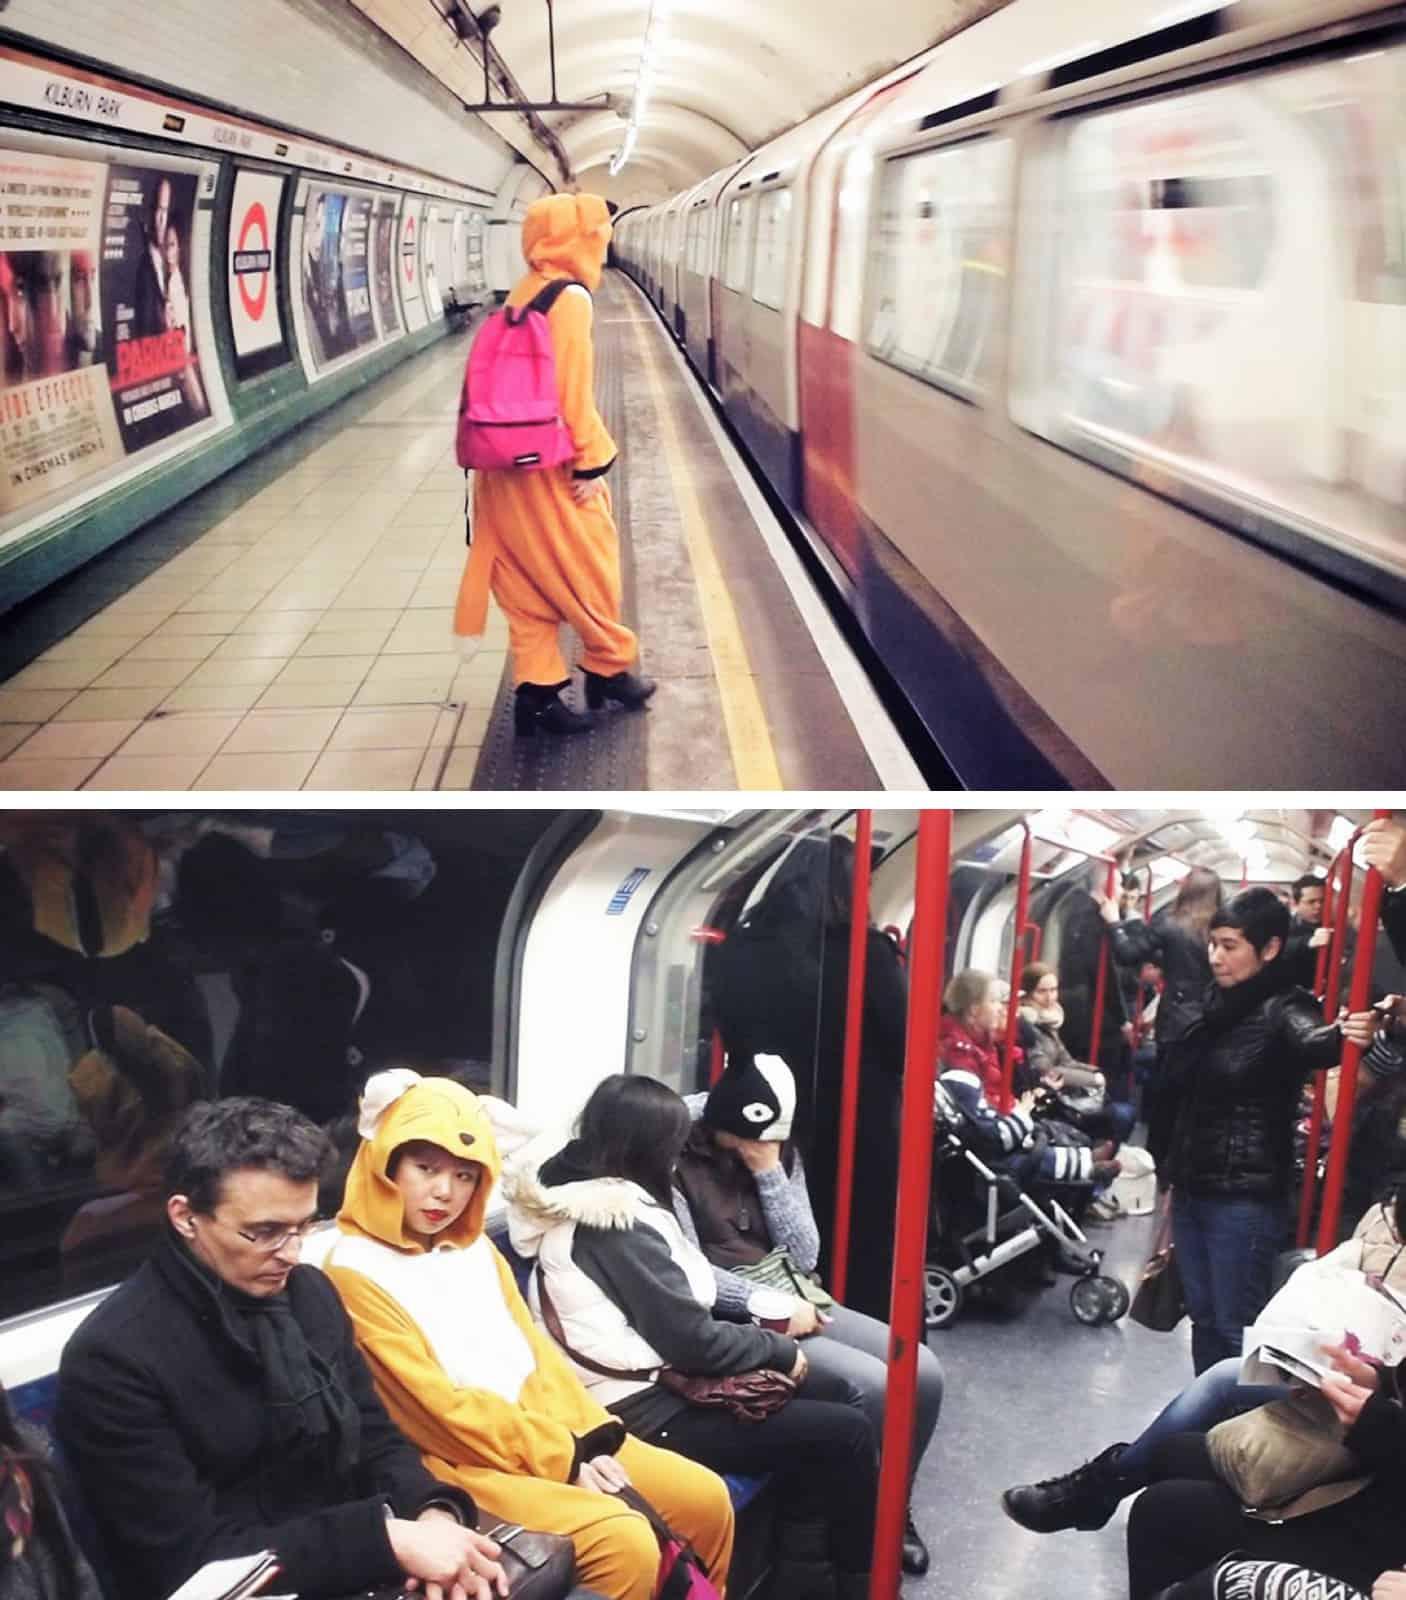 Fox on the tube